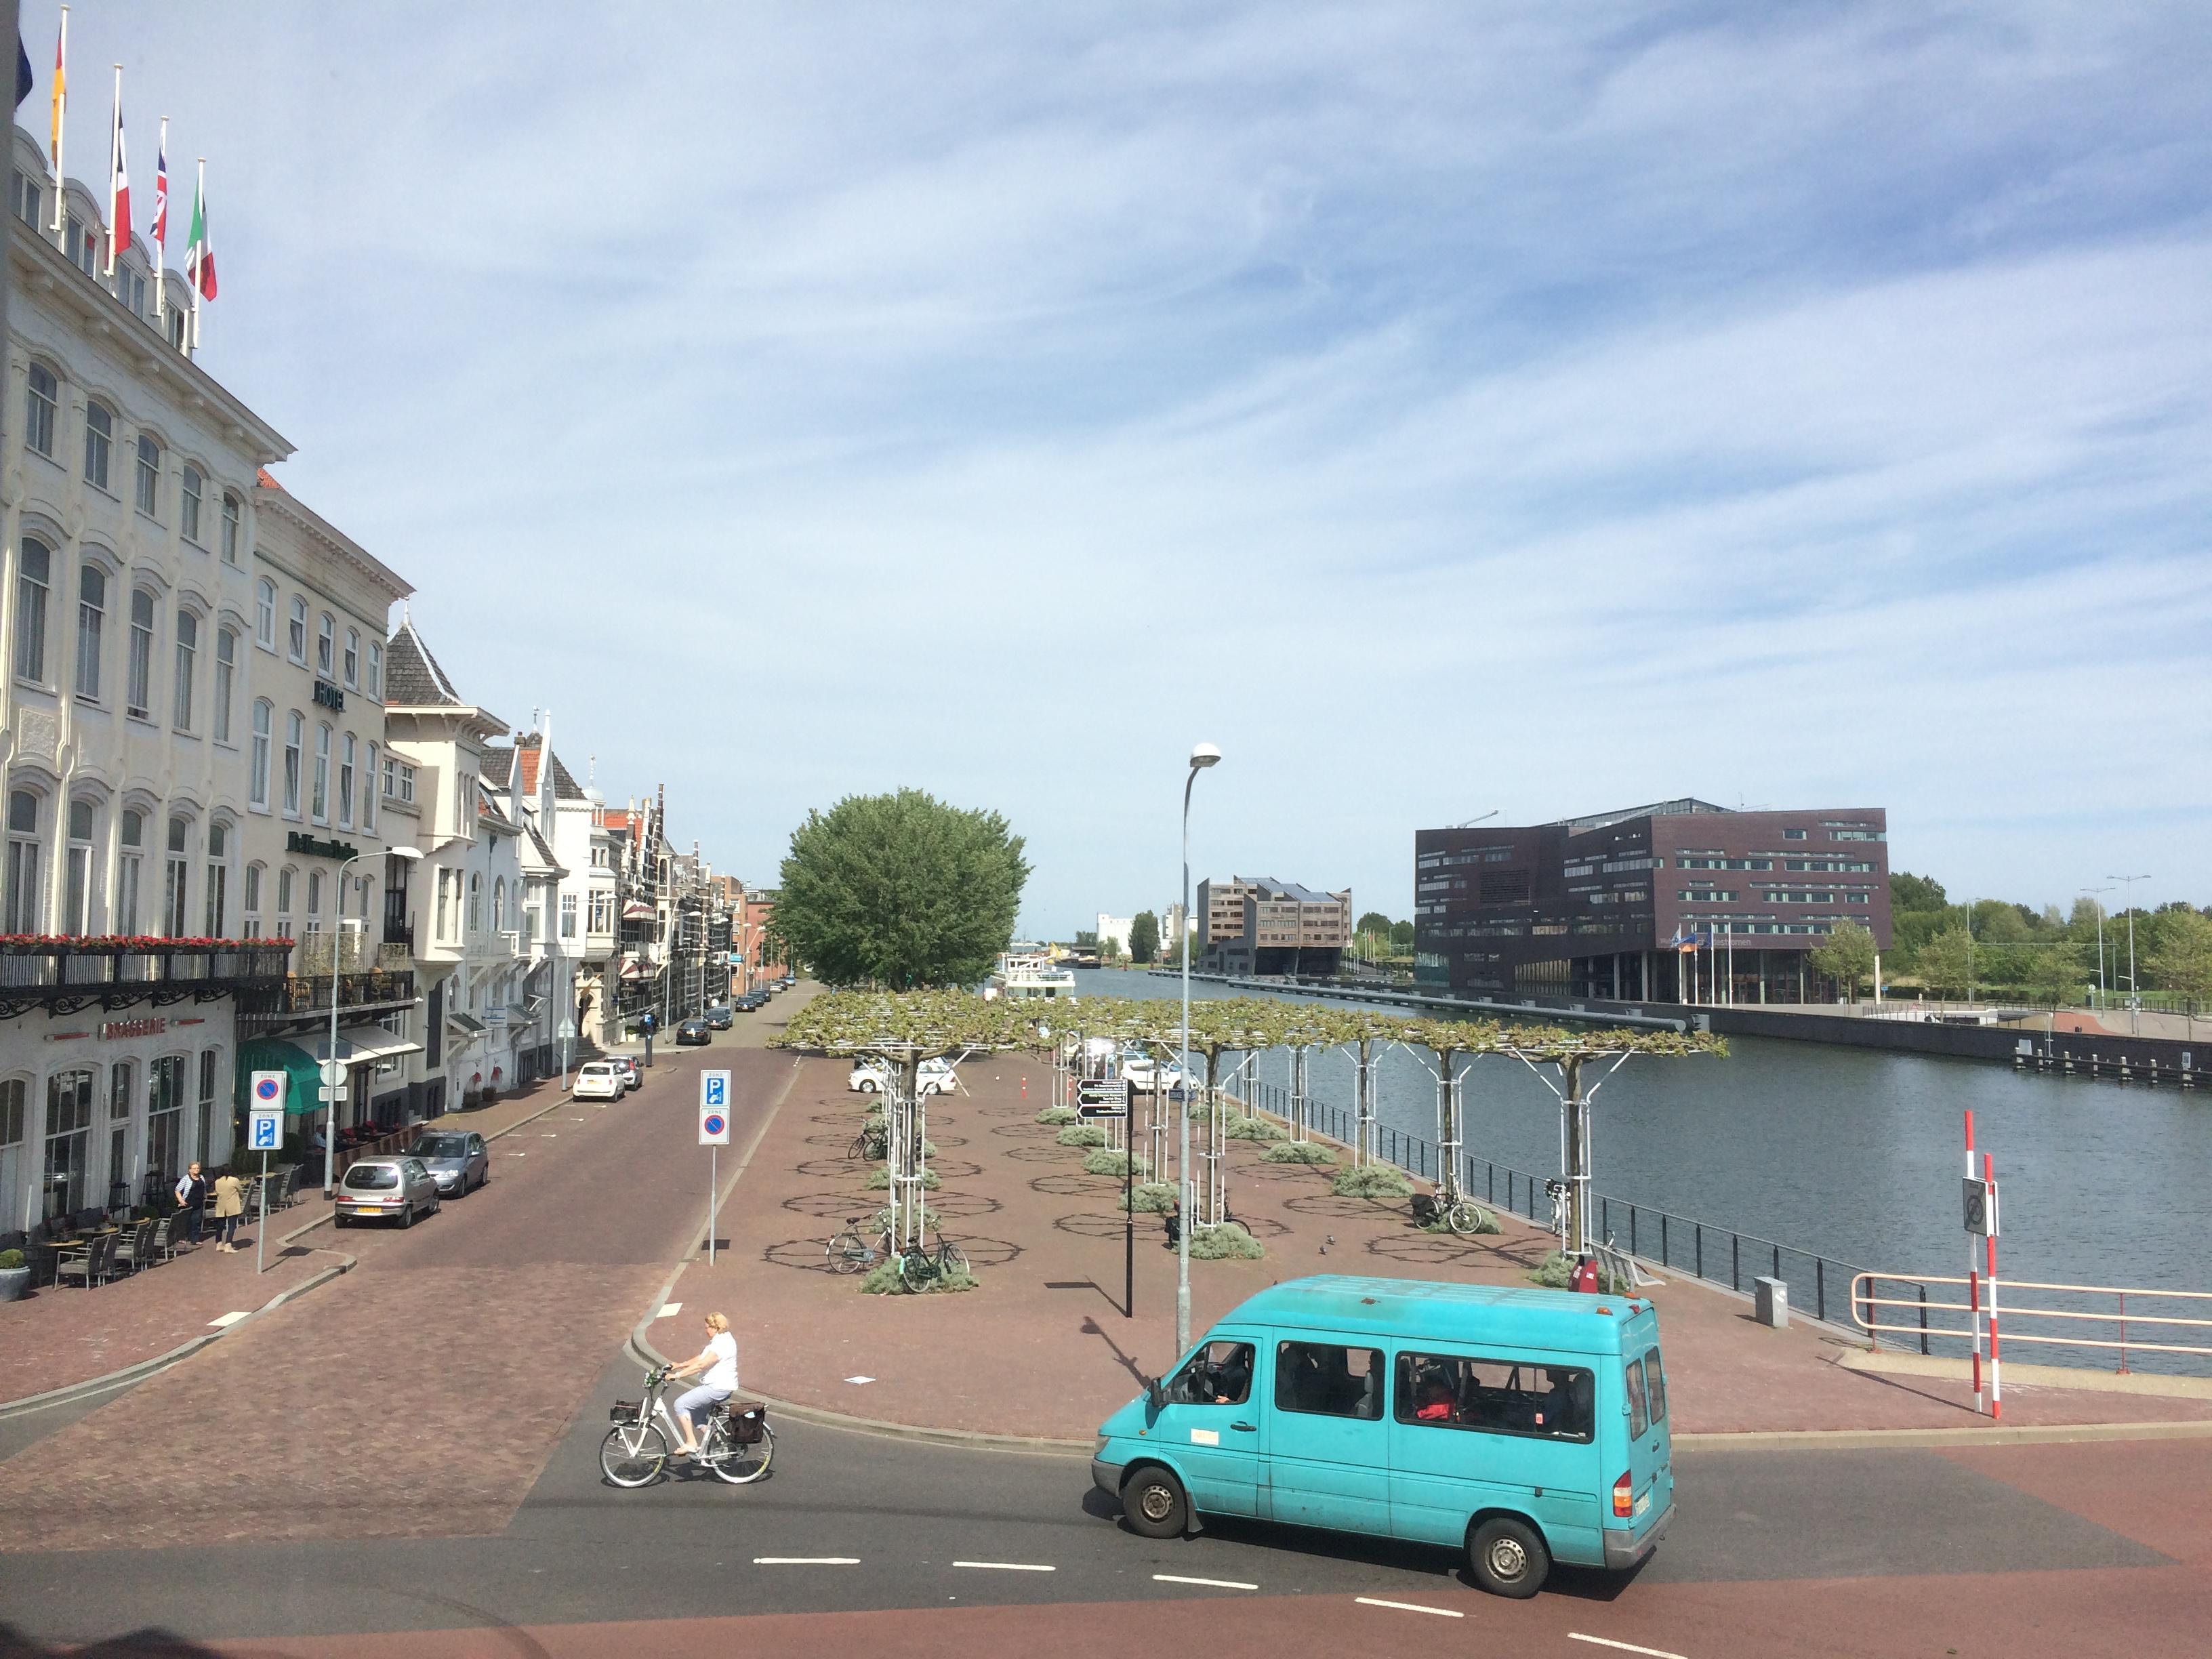 Venir aux Pays-Bas